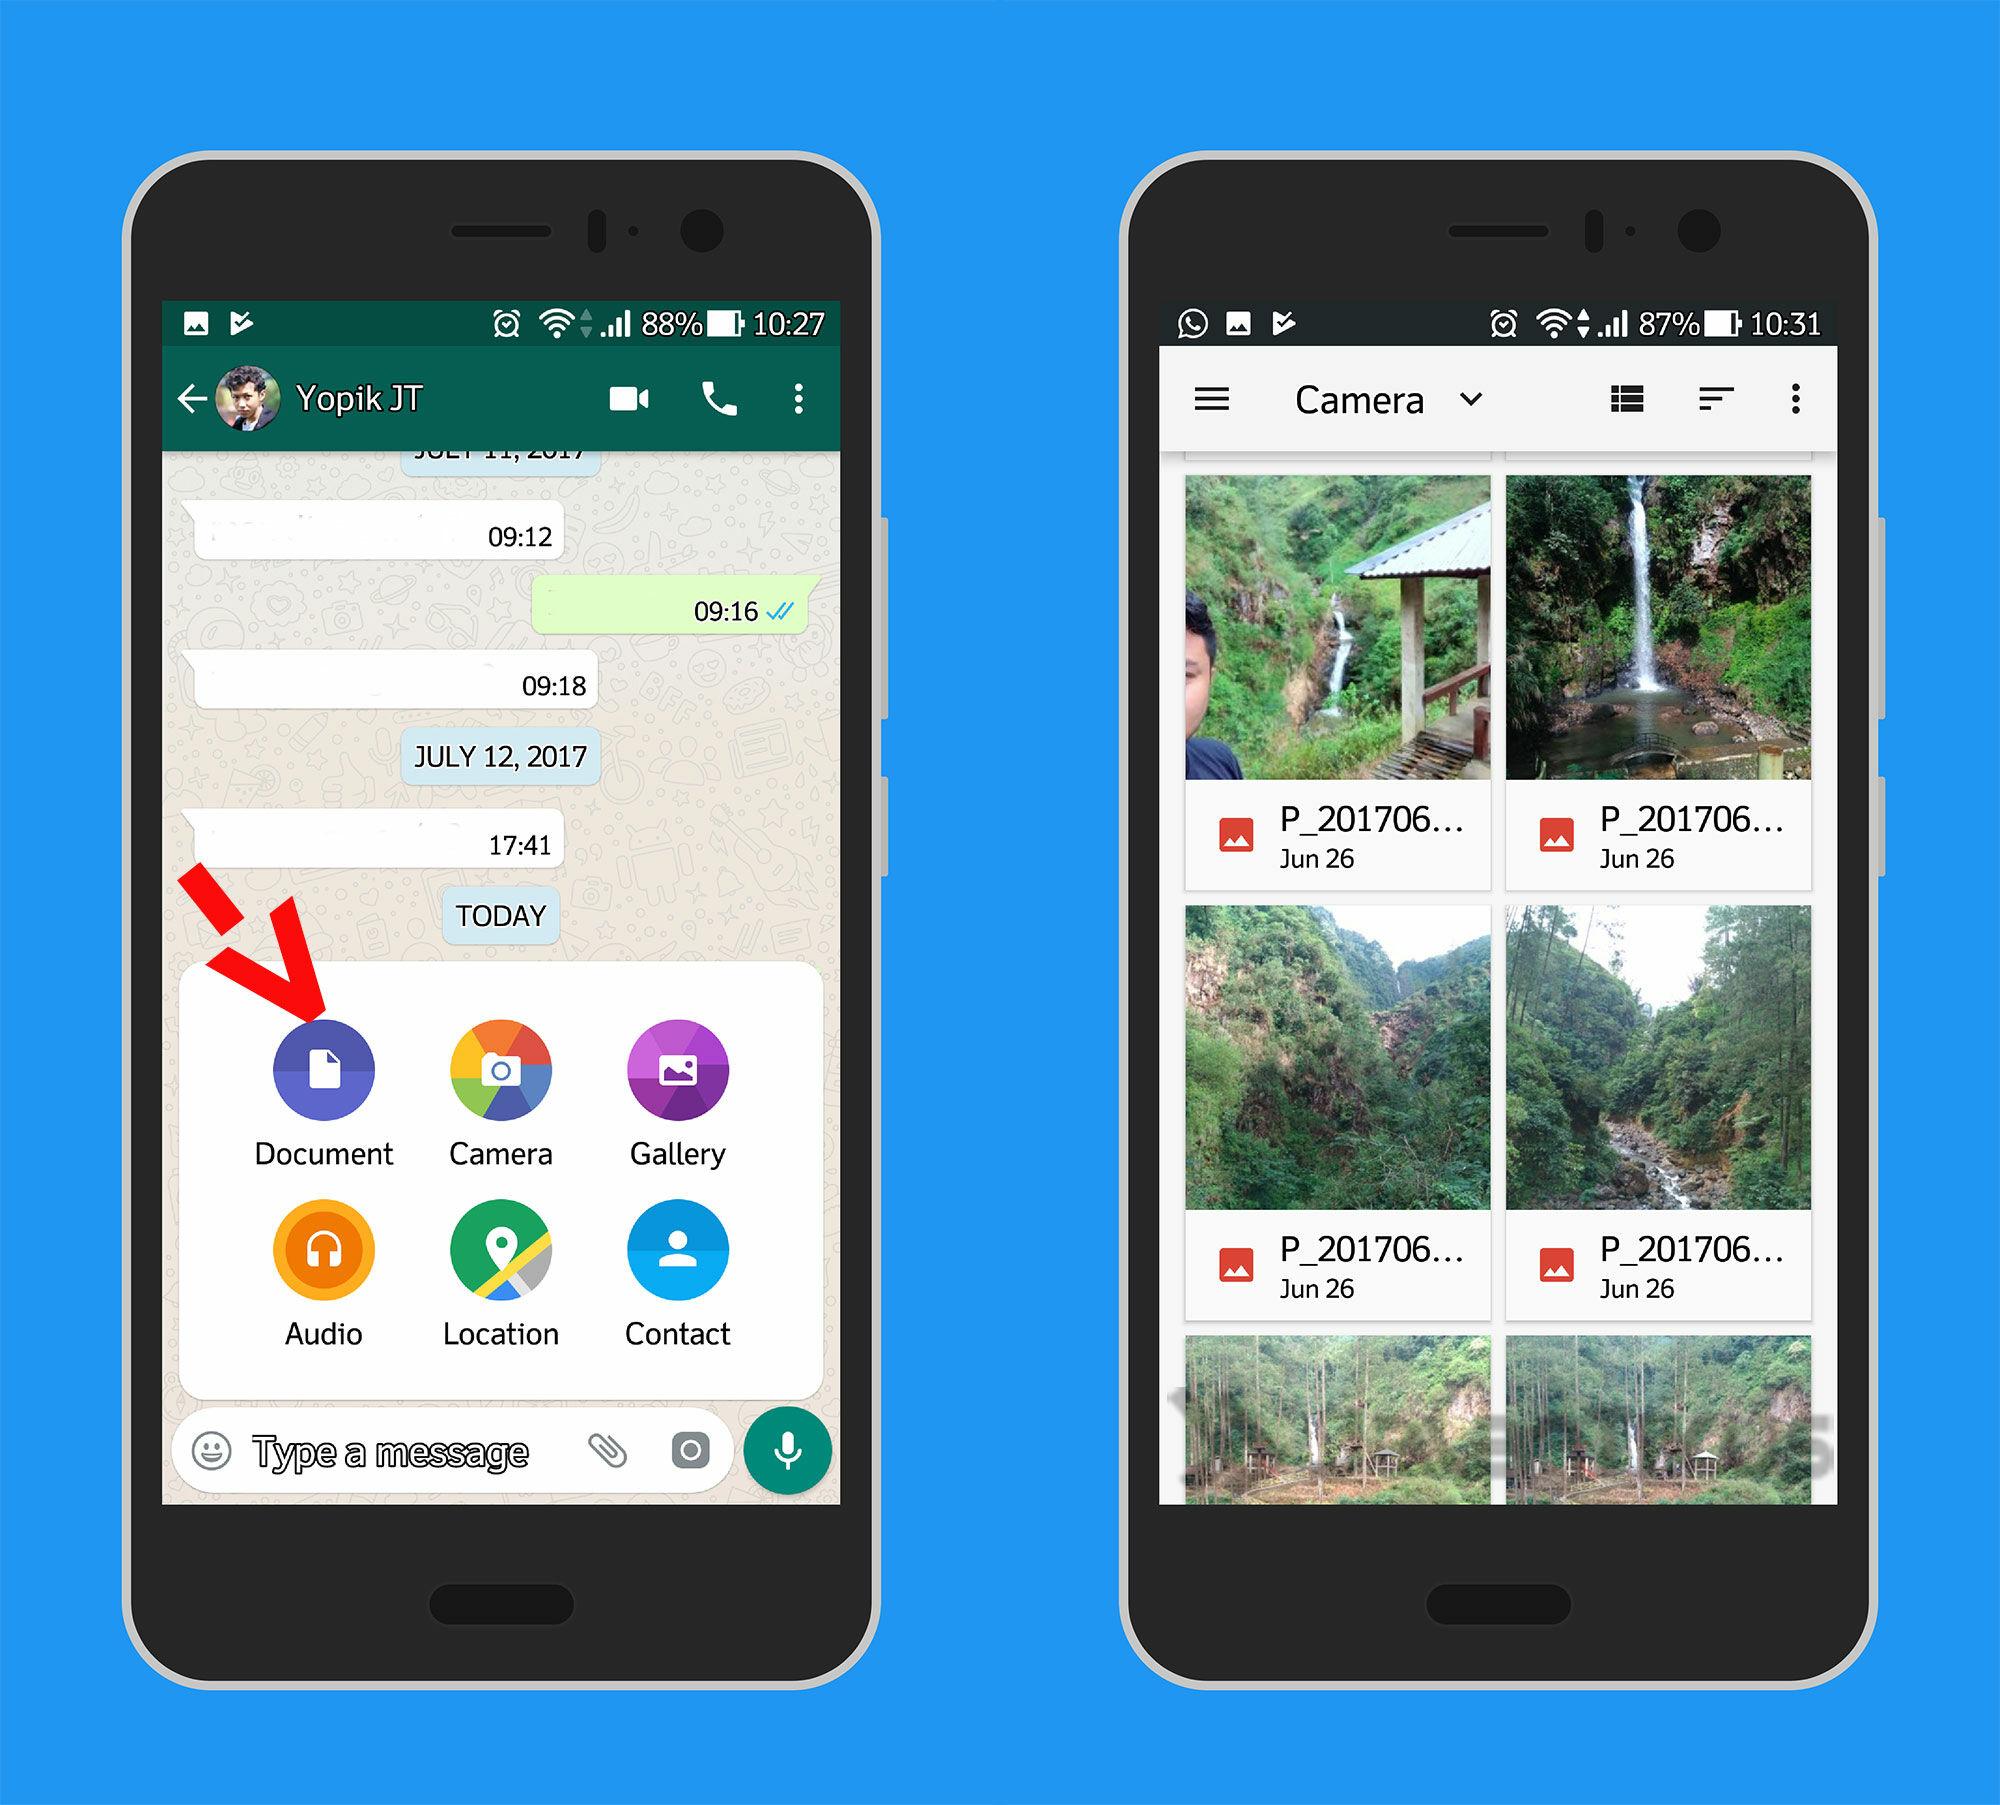 Cara Mengirim Gambar Tanpa Mengurangi Kualitas Di Whatsapp 1